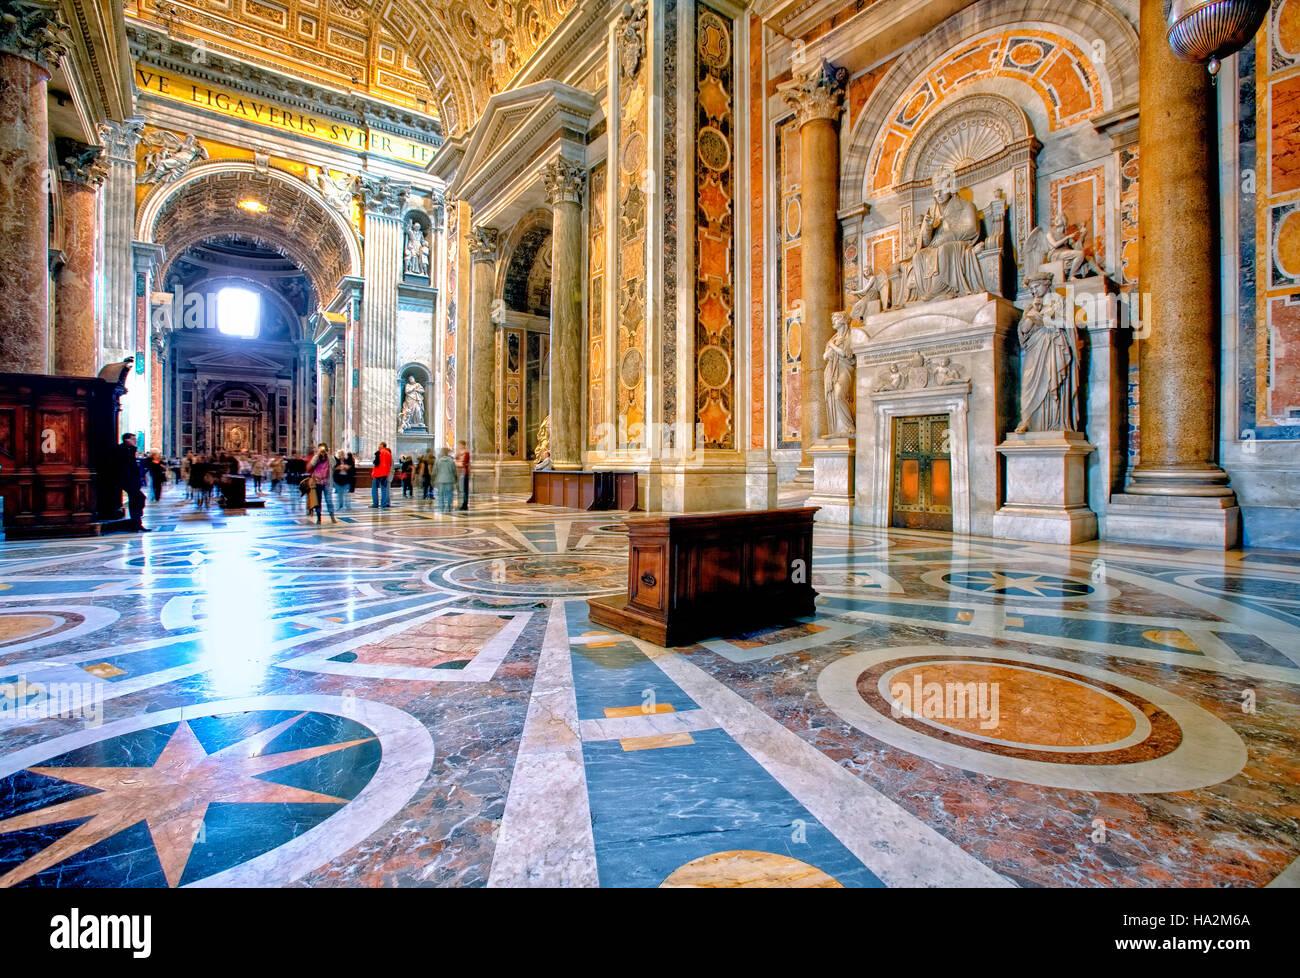 Interno della Basilica di San Pietro in Roma, Italia Immagini Stock